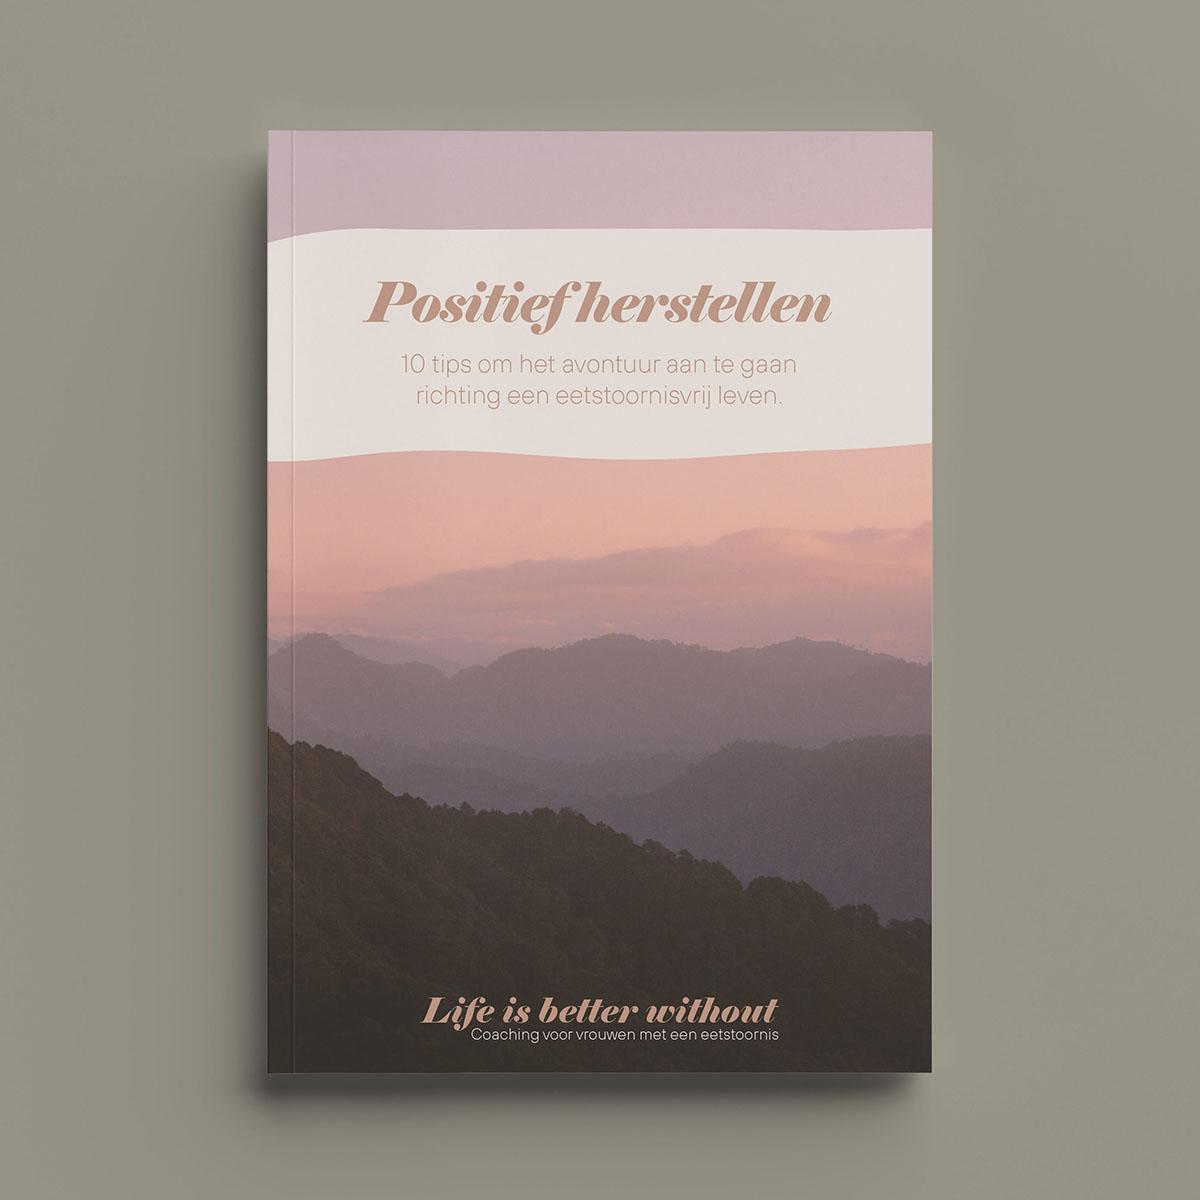 E-book Positief Herstellen - 10 tips om het avontuur aan te gaan richting een eetstoornisvrij leven